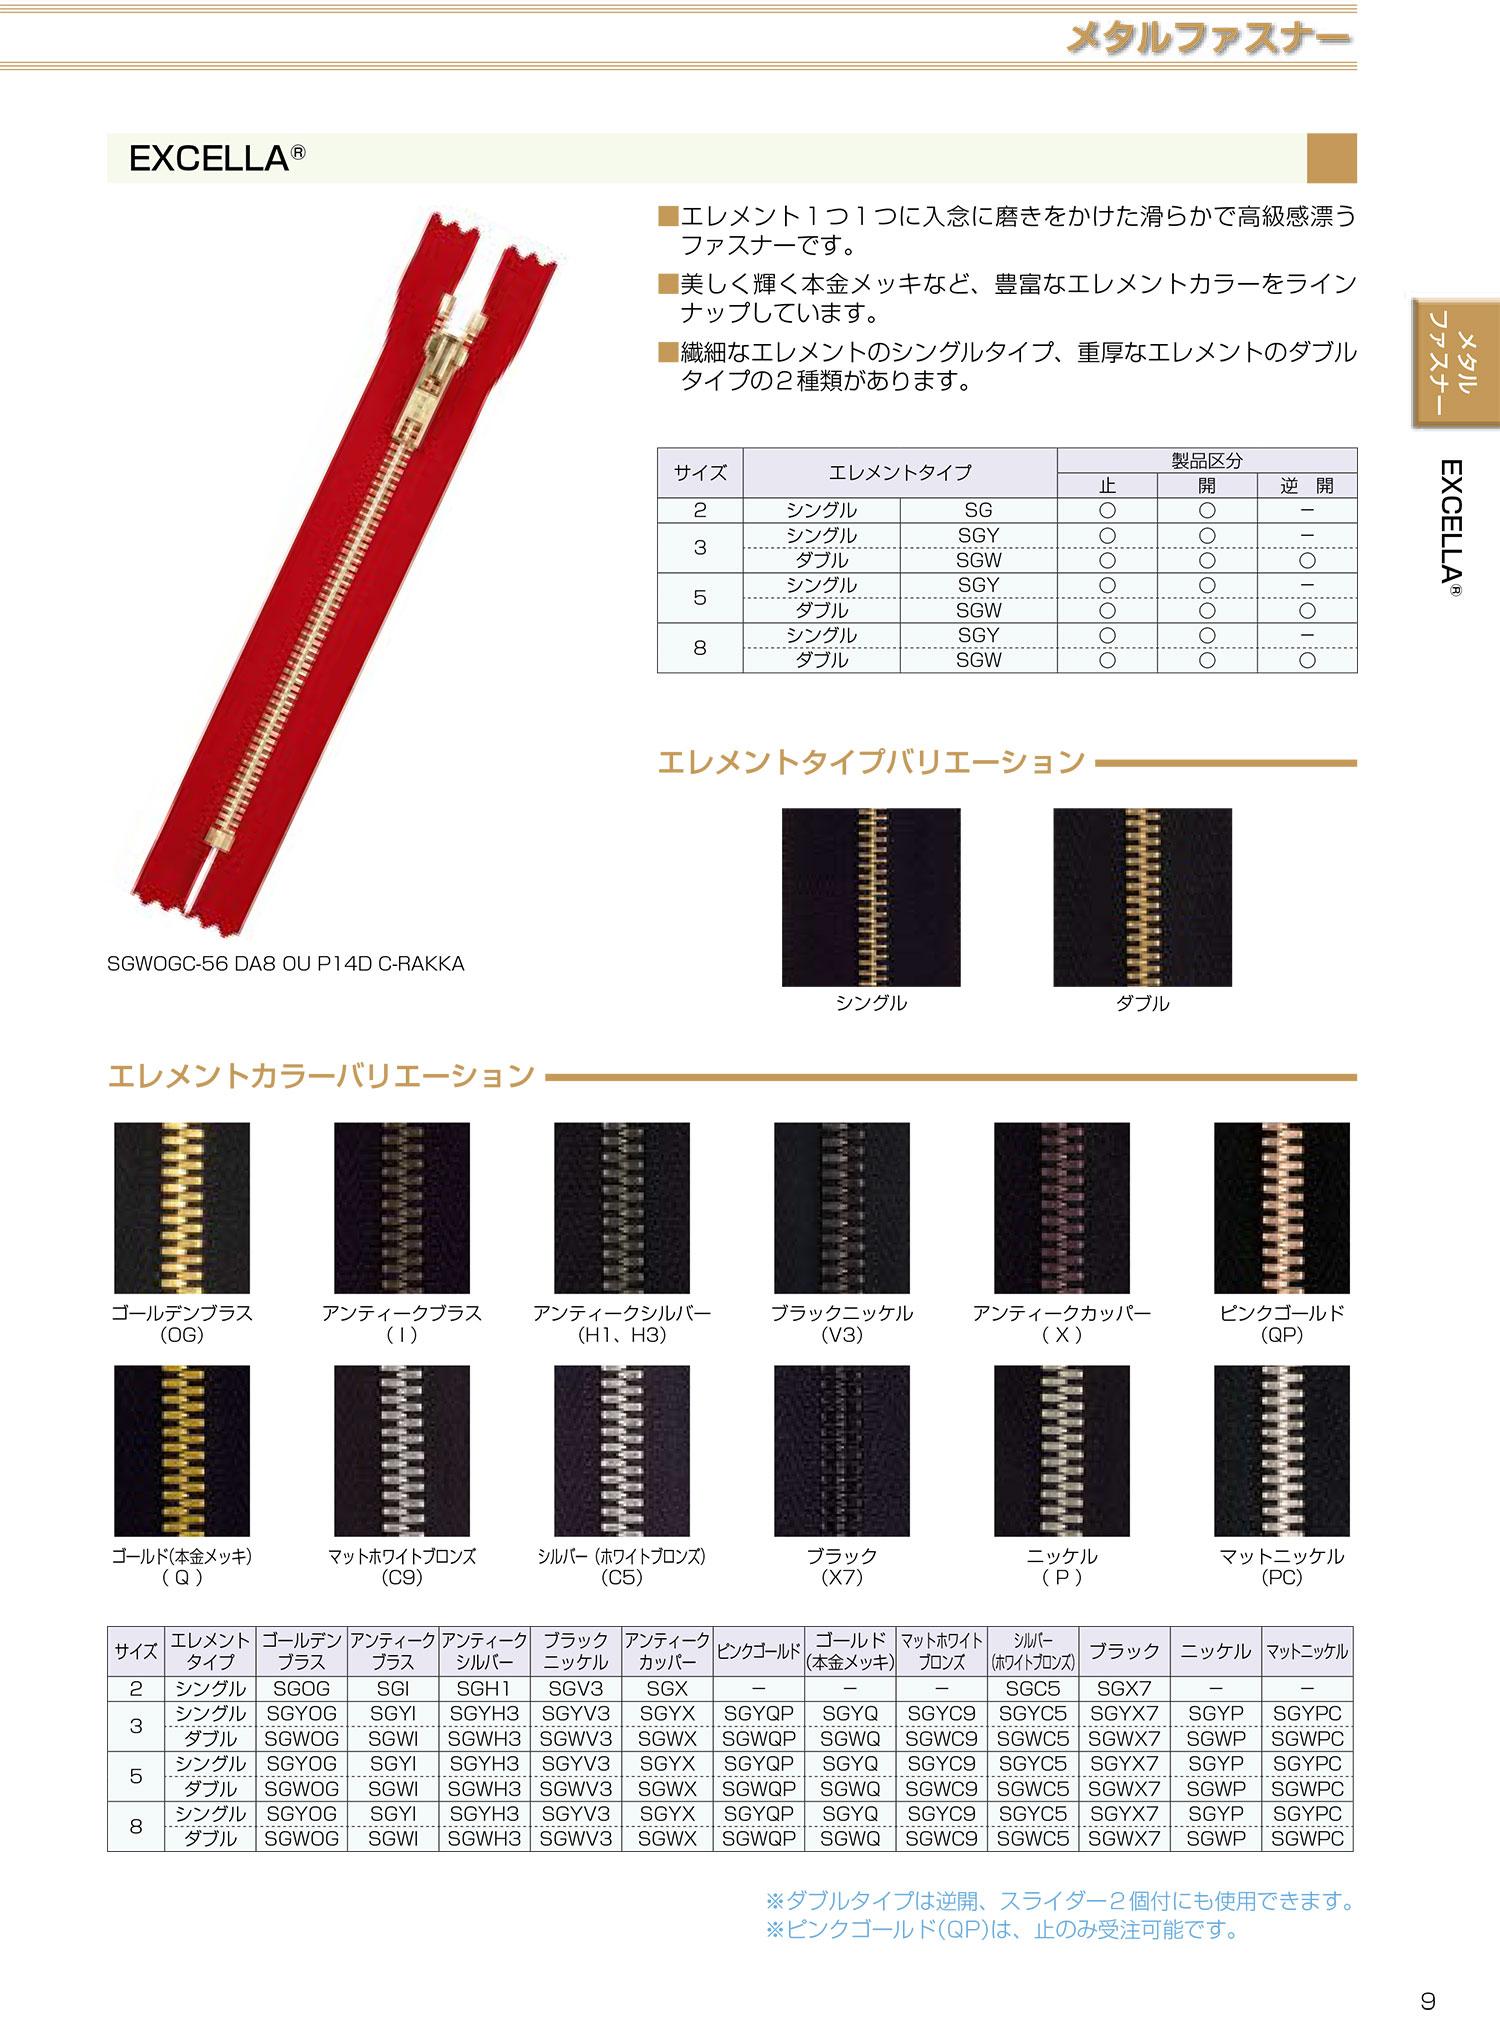 3SGWIOR エクセラ 3サイズ アンティークブラス オープン ダブルダブル[ファスナー] YKK/オークラ商事 - ApparelX アパレル資材卸通販